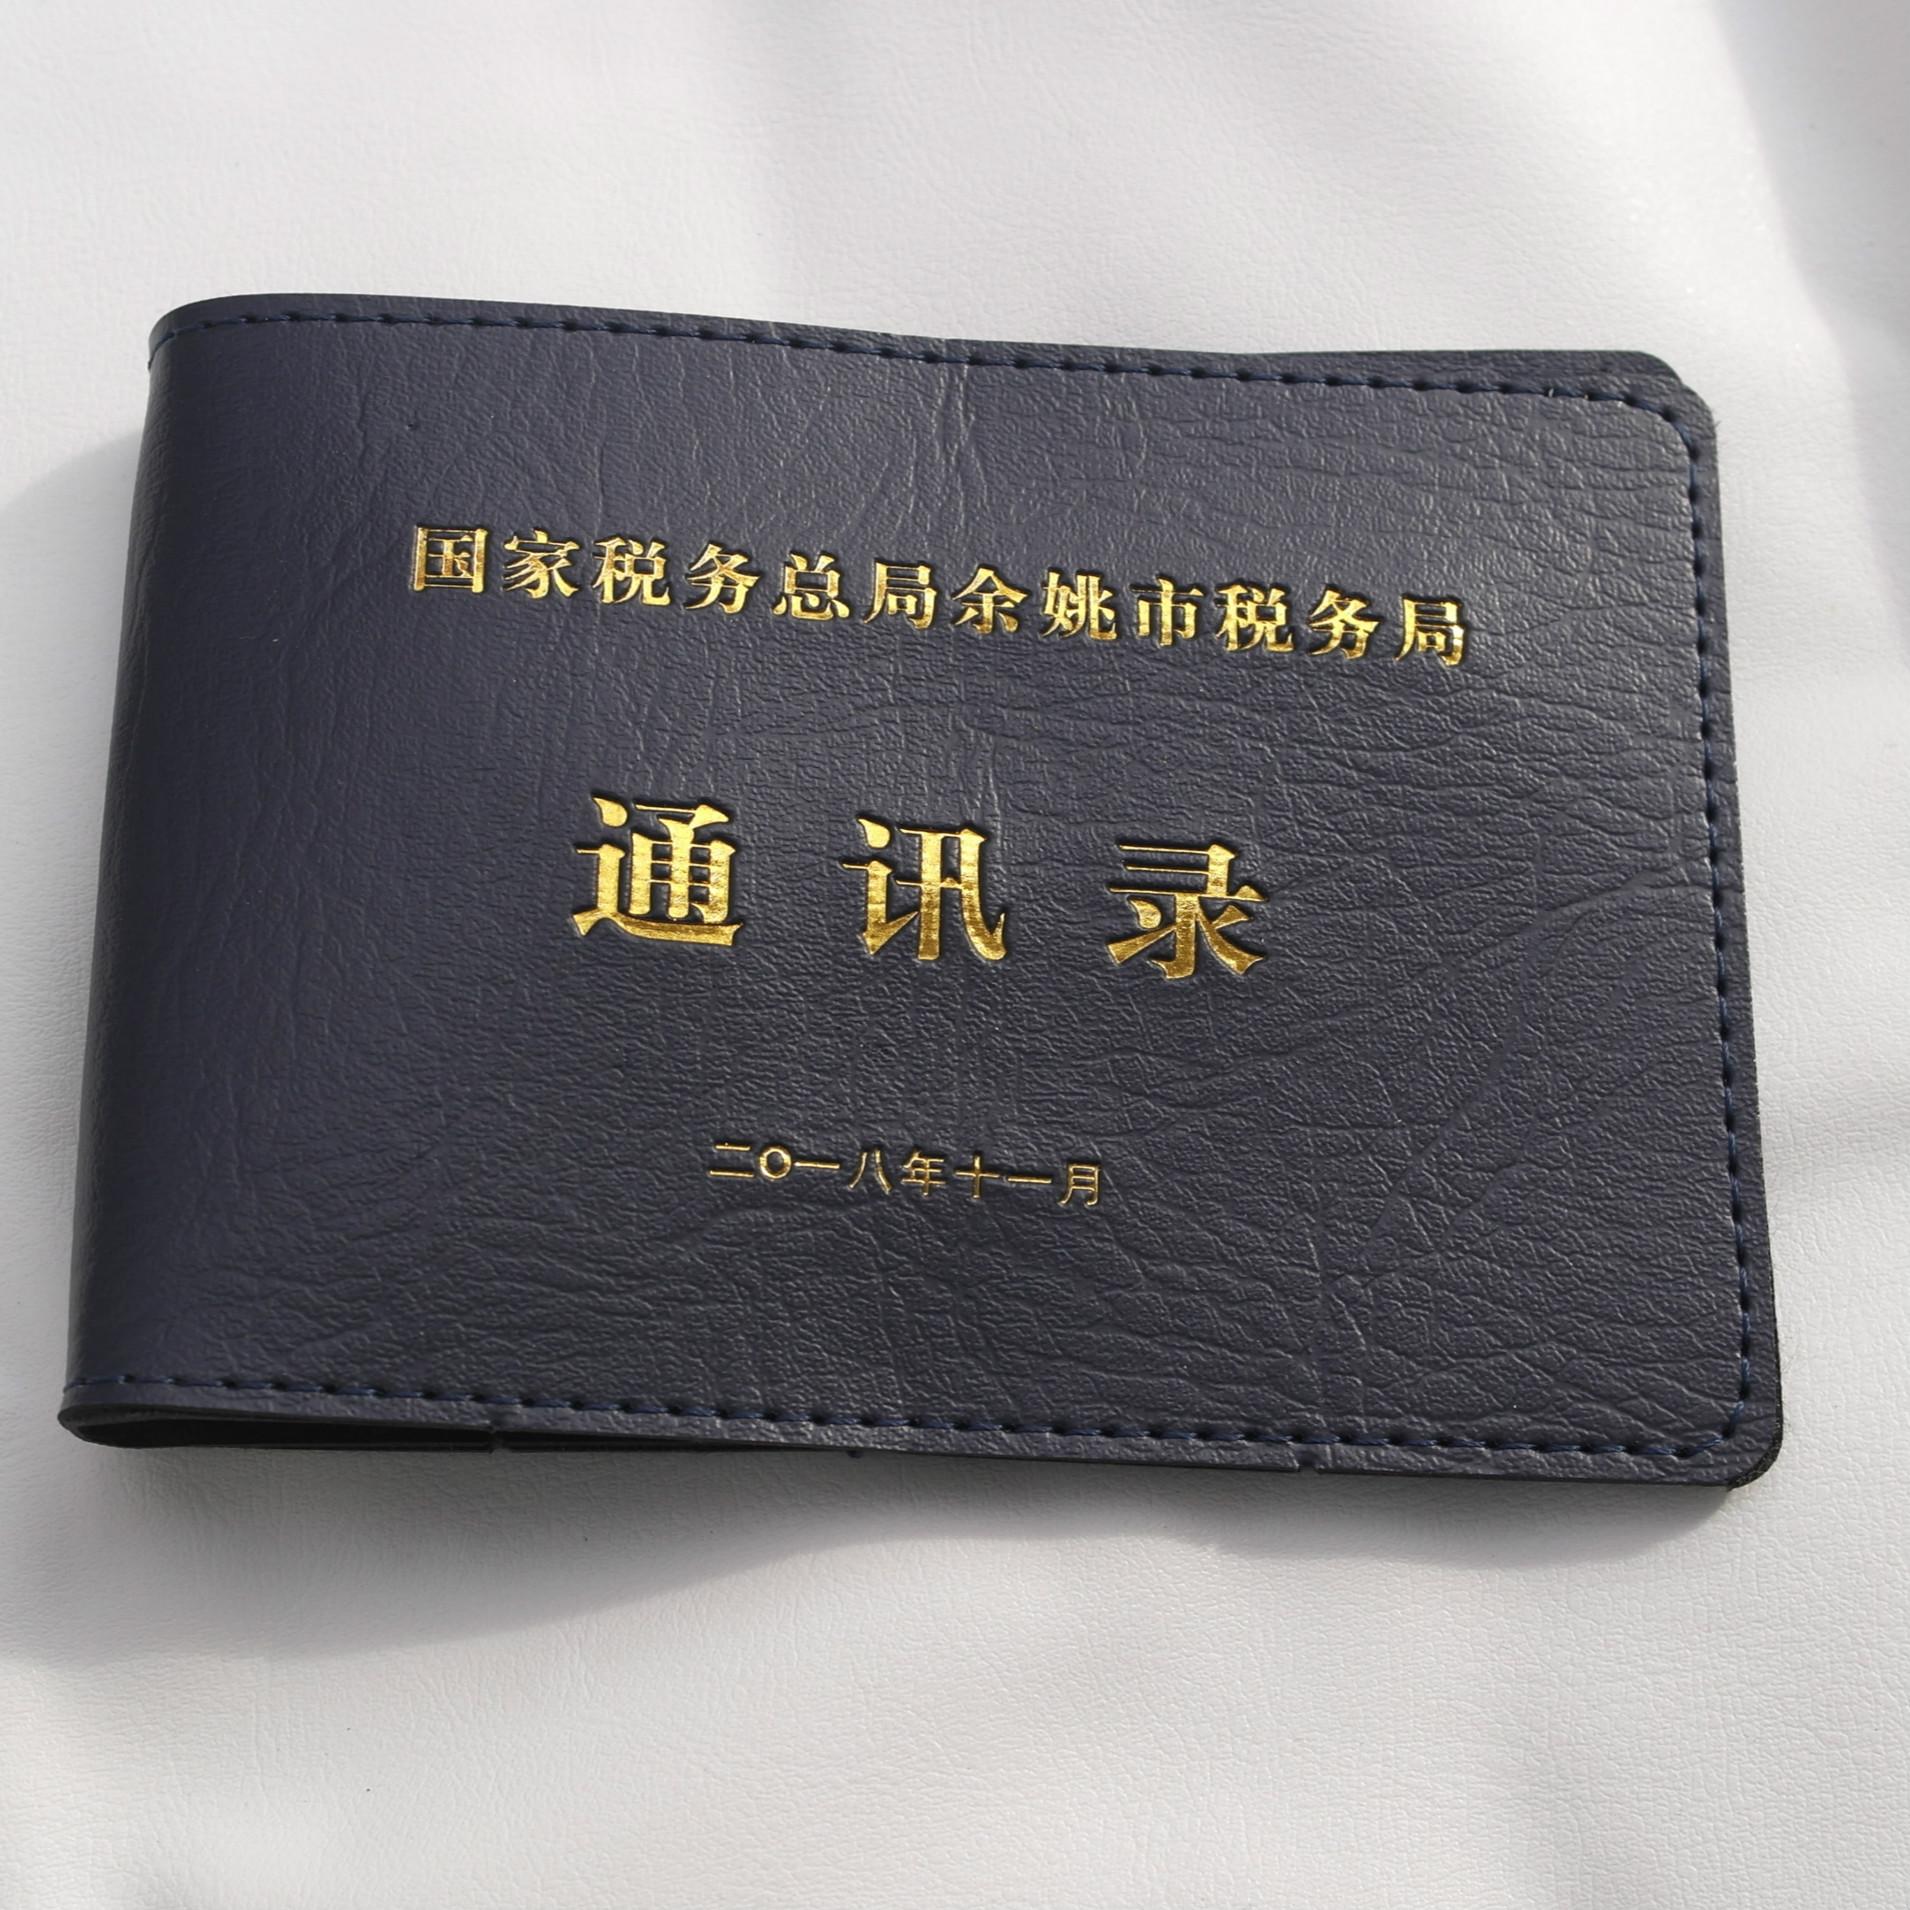 専門の通信記録の表紙/電話帳のカバー